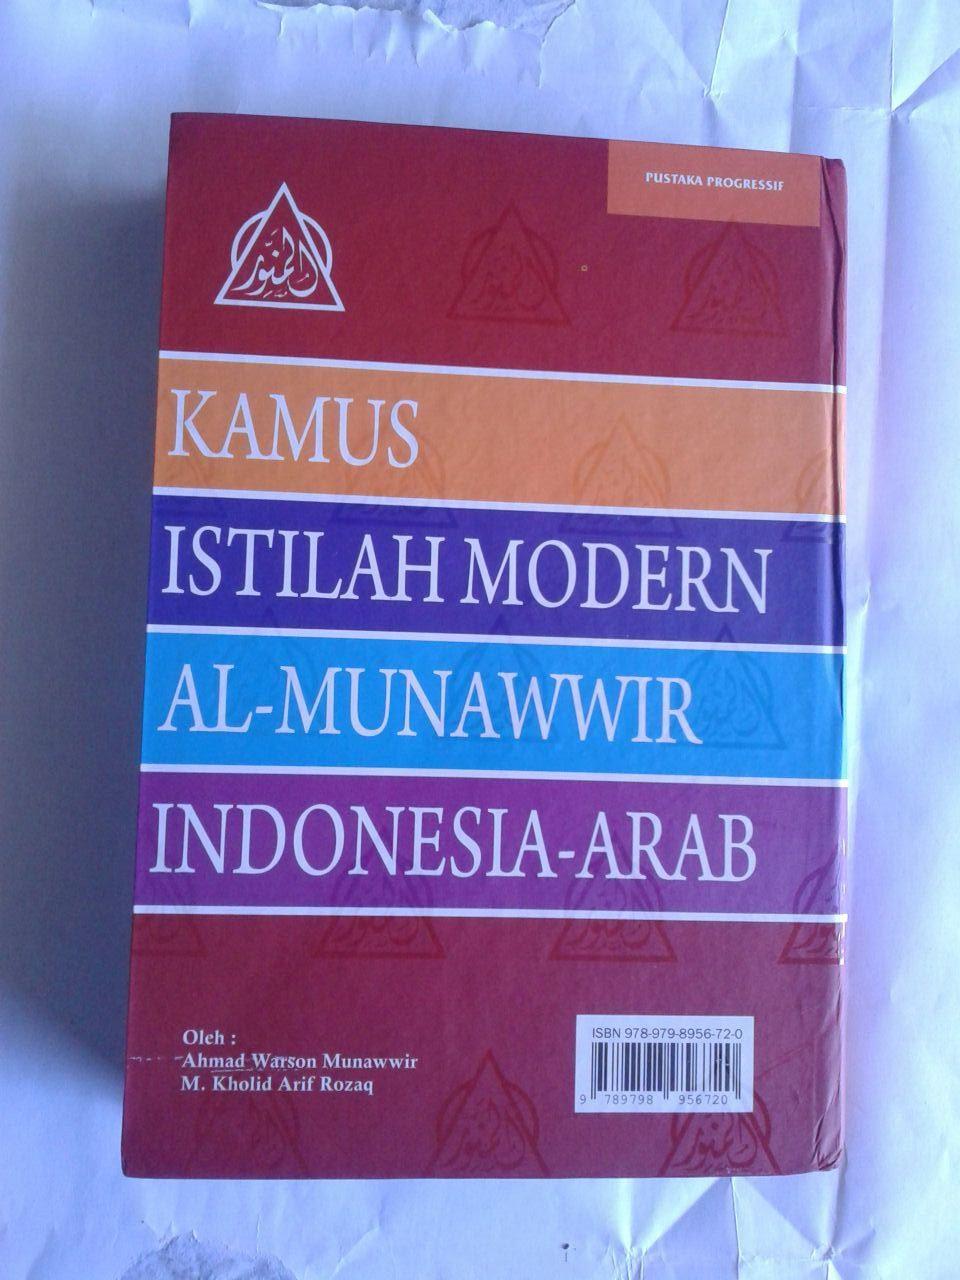 Buku Kamus Istilah Modern Al-Munawwir Indonesia-Arab cover 2